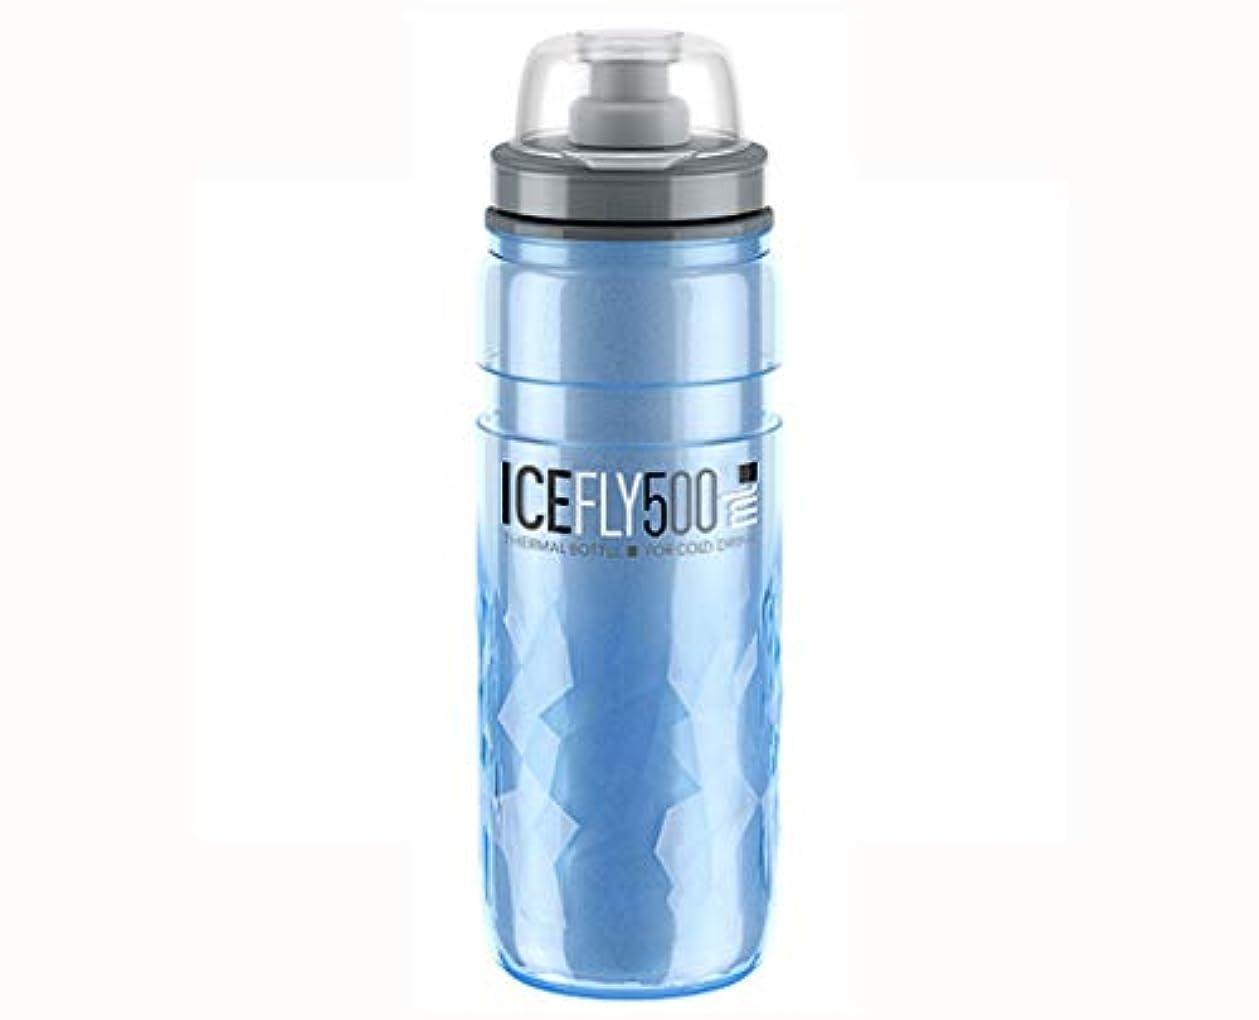 流産有名人たらいELITE(エリート) ICE FLY サーモボトル 500ml [ブルー]